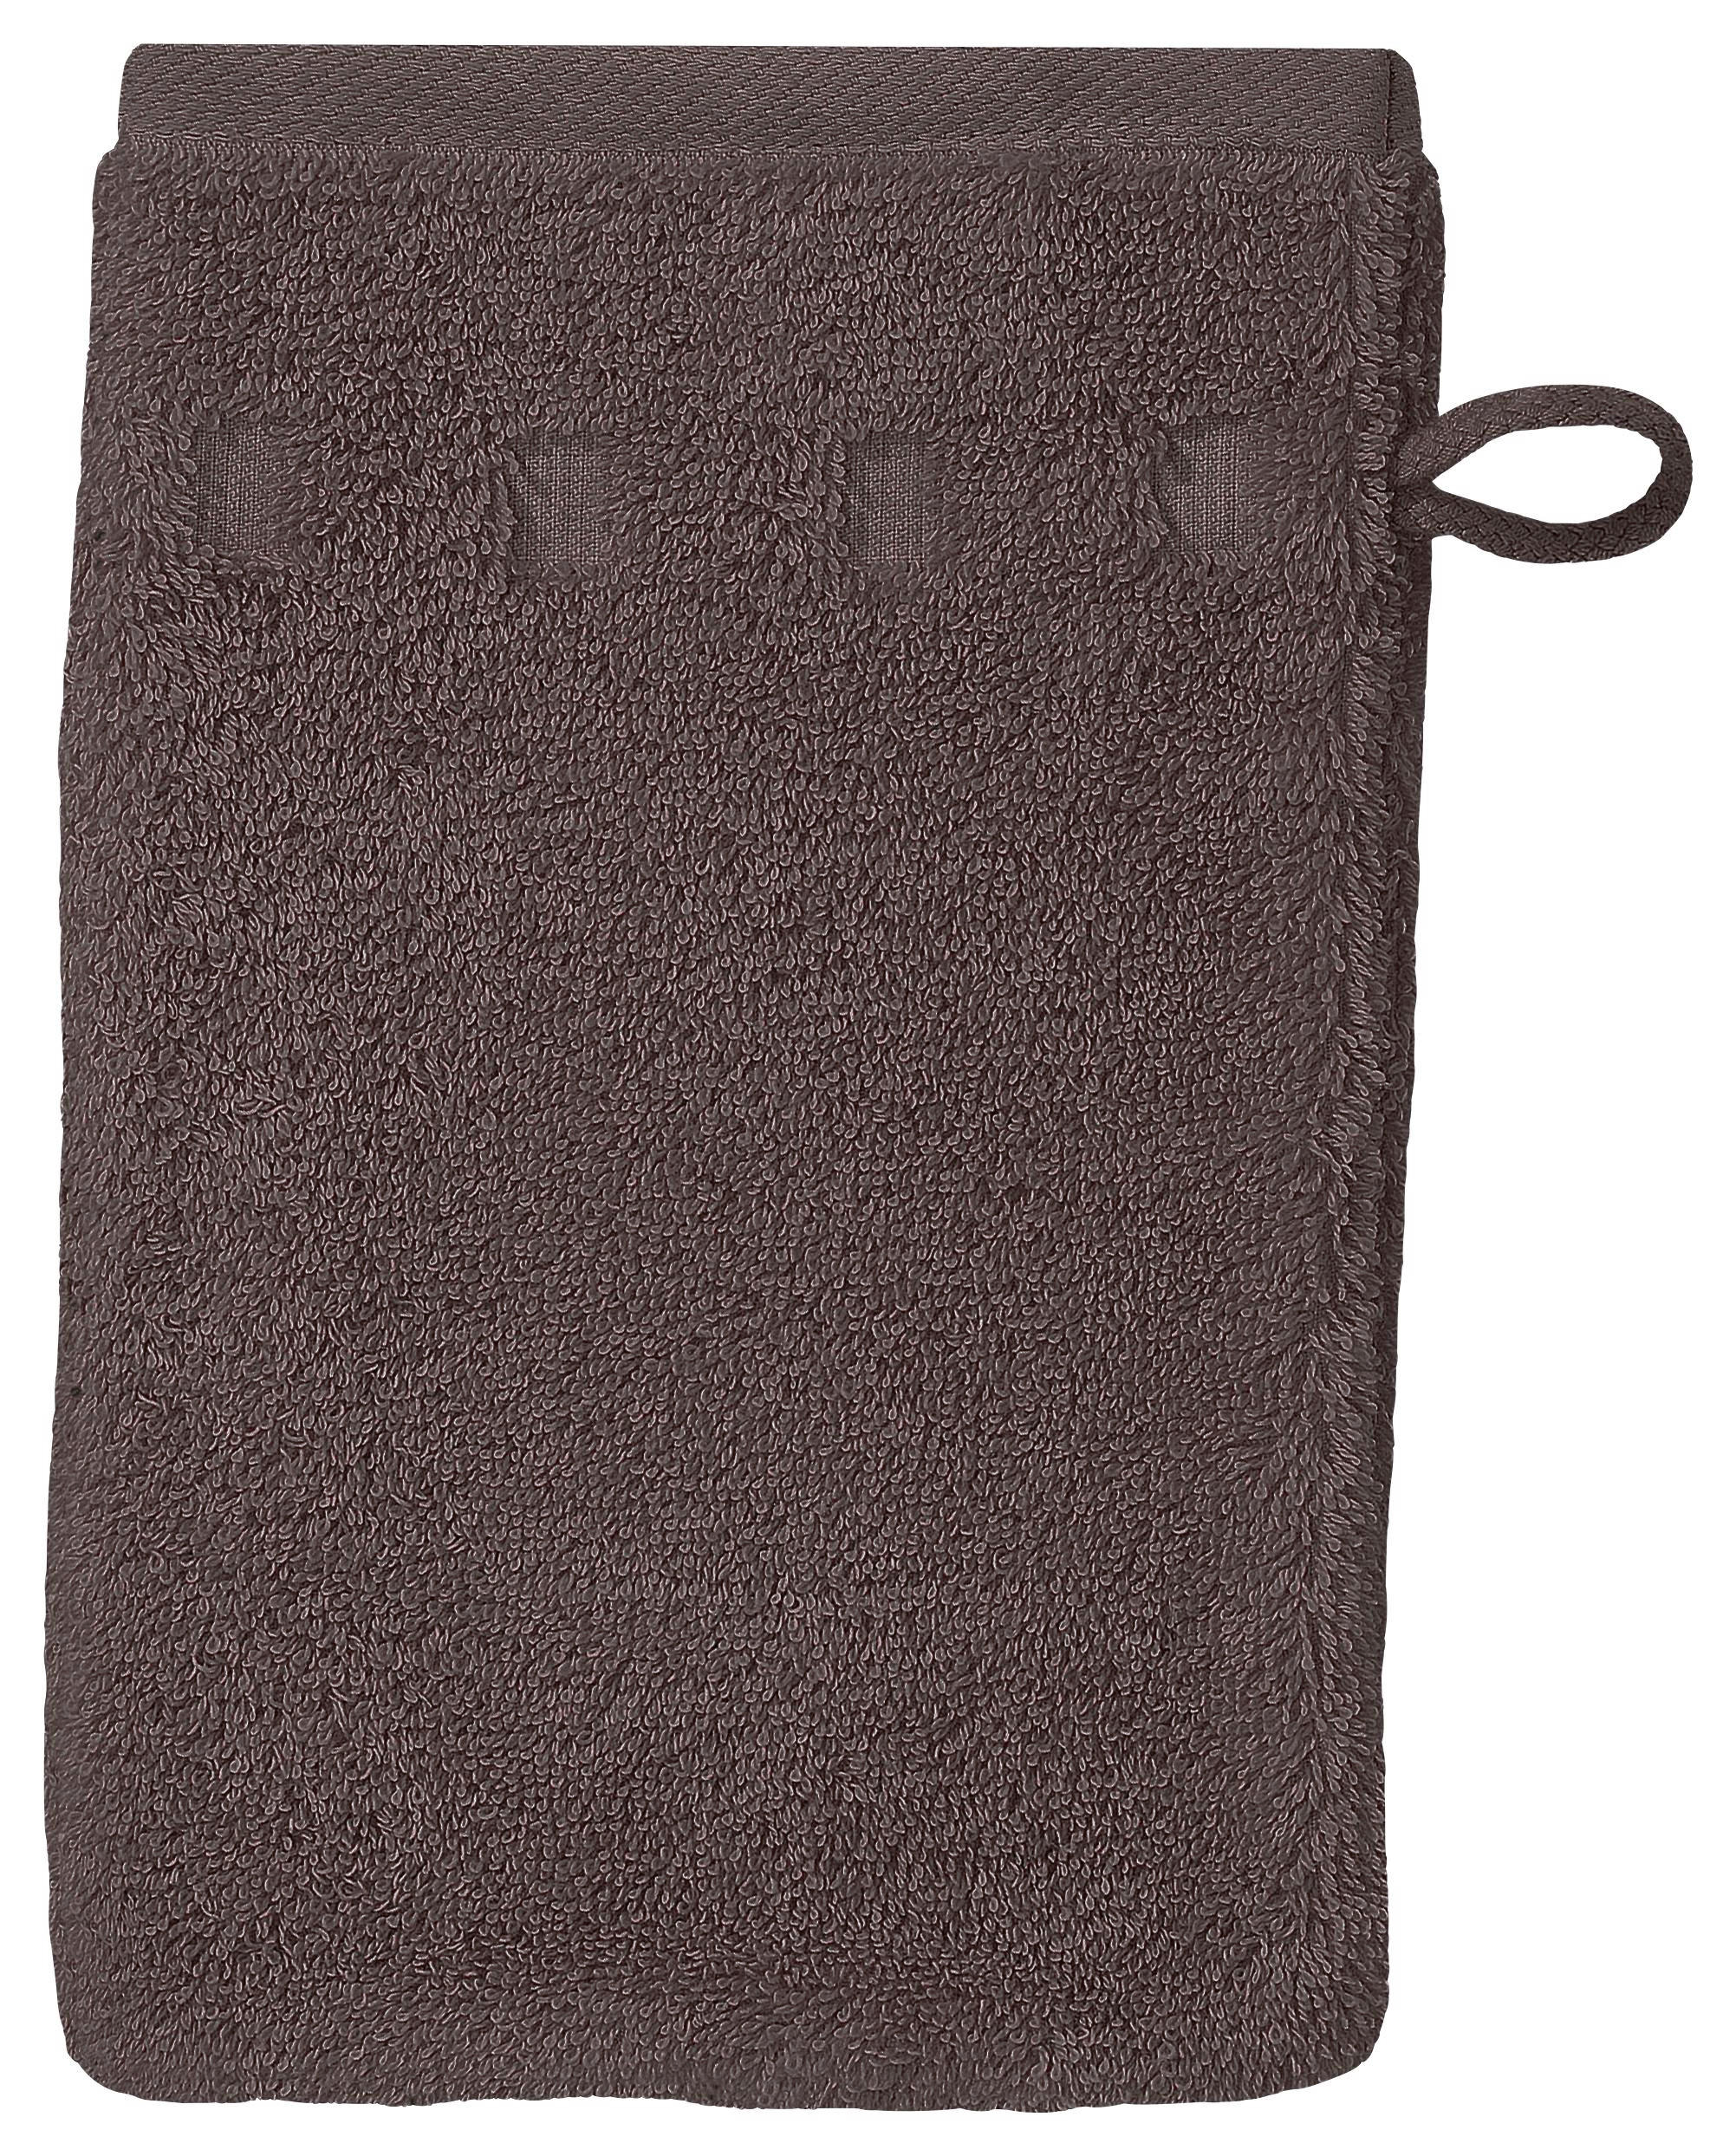 WASCHHANDSCHUH - Grau, Textil (16/22cm) - VOSSEN